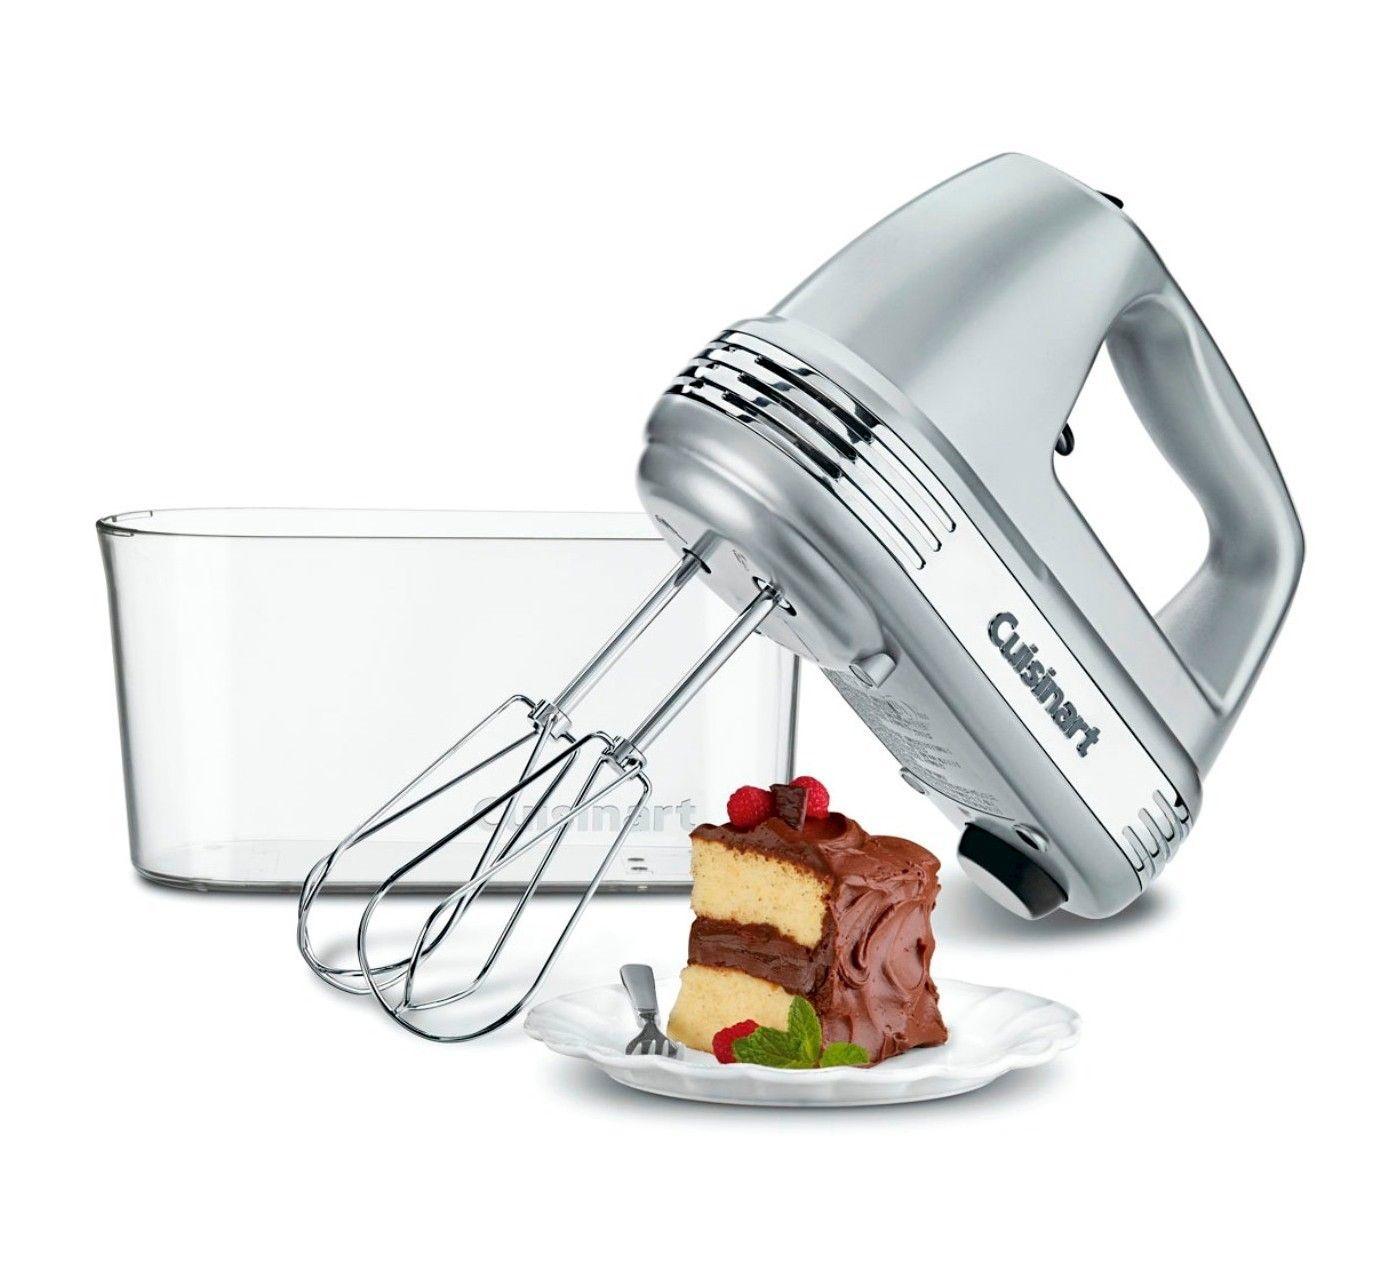 Cuisinart power advantage plus hand mixer white hm90s